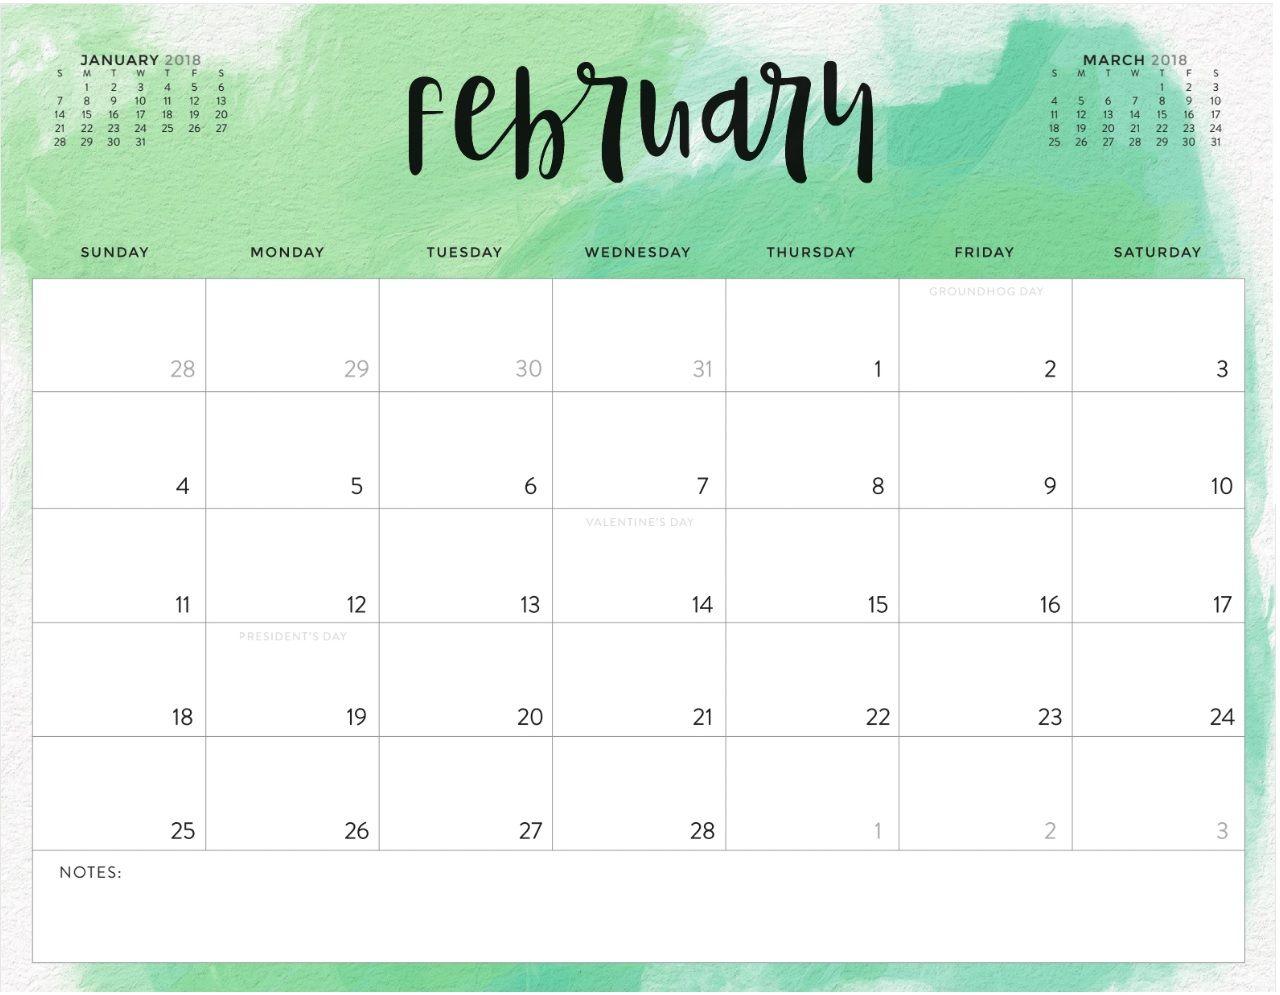 february 2018 calendar design